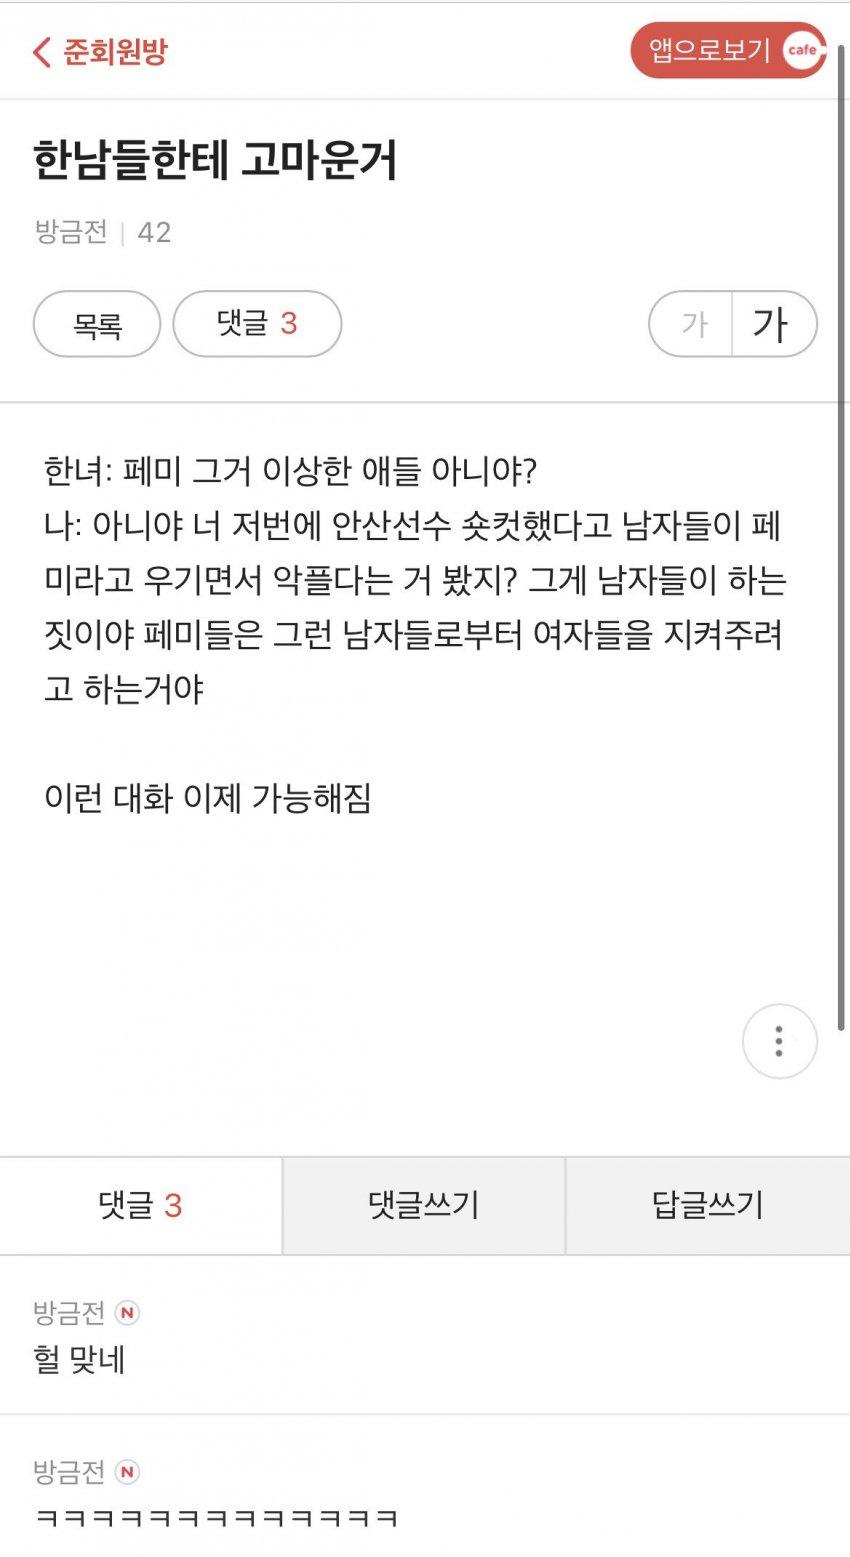 viewimage.php?id=2fbcc323e7d334aa51b1d3a24781&no=24b0d769e1d32ca73feb86fa11d02831b7cca0f2855e21730c724febbf0e6d51815ada811d931f6ed2de09838b5cd2150e9c6a9a9e8af27a2632291bf5a29cf578e5b9dd2034bdd965a53a8c90e68a0406fb0ad0364268fc33fcc0ee12cb317d89973a6244767dd7ba99feaa56da07